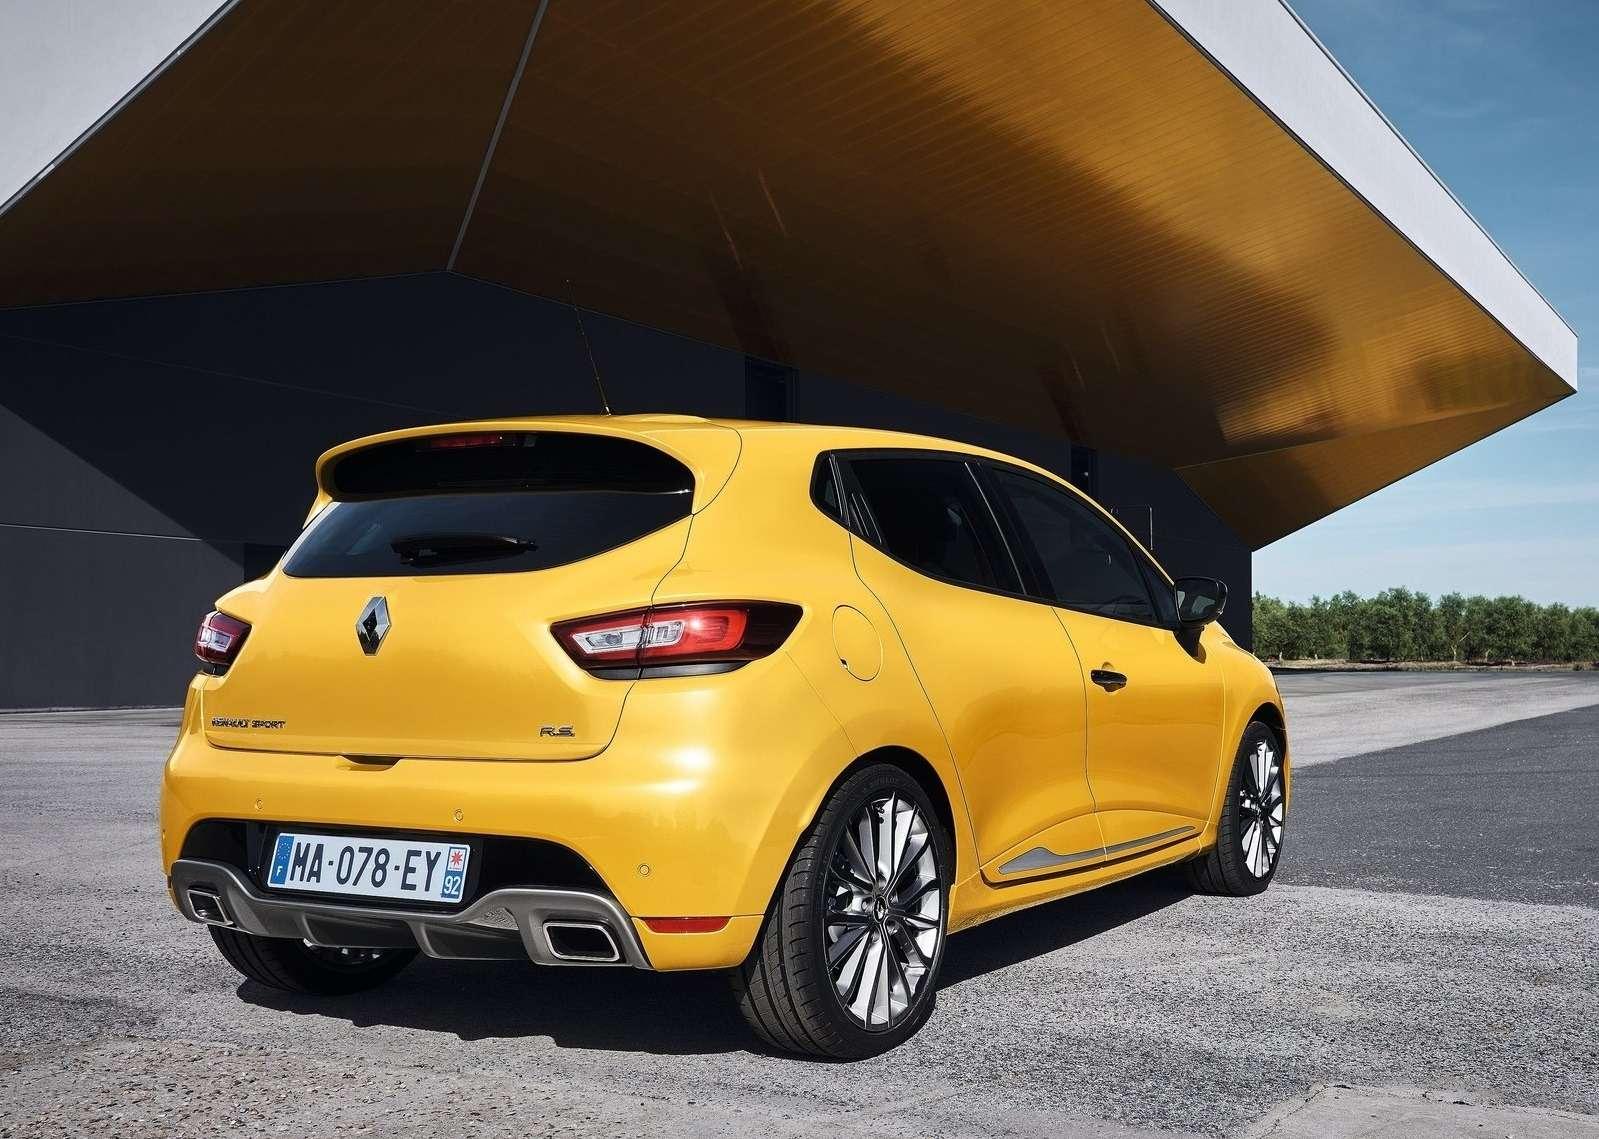 Рестайлинг созвуком: Renault Clio RSфокусируется наштрихах— фото 605411